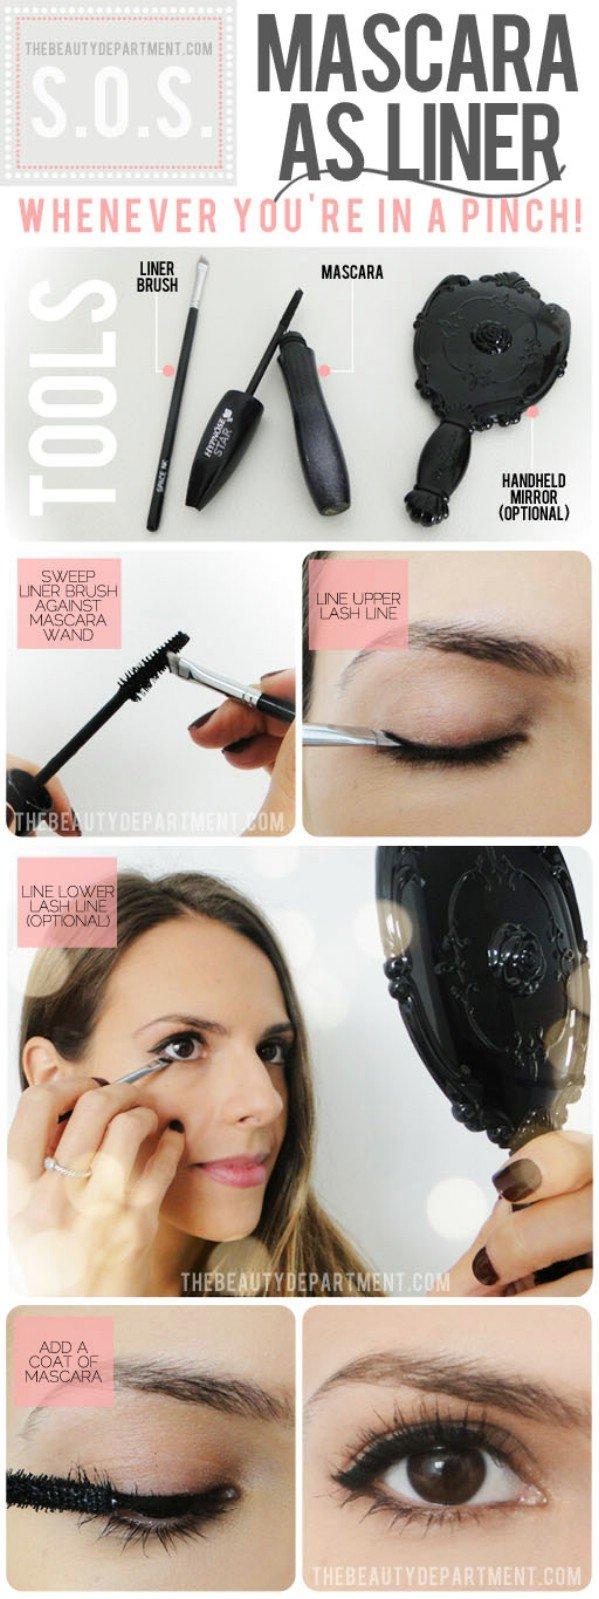 mascara as eye liner